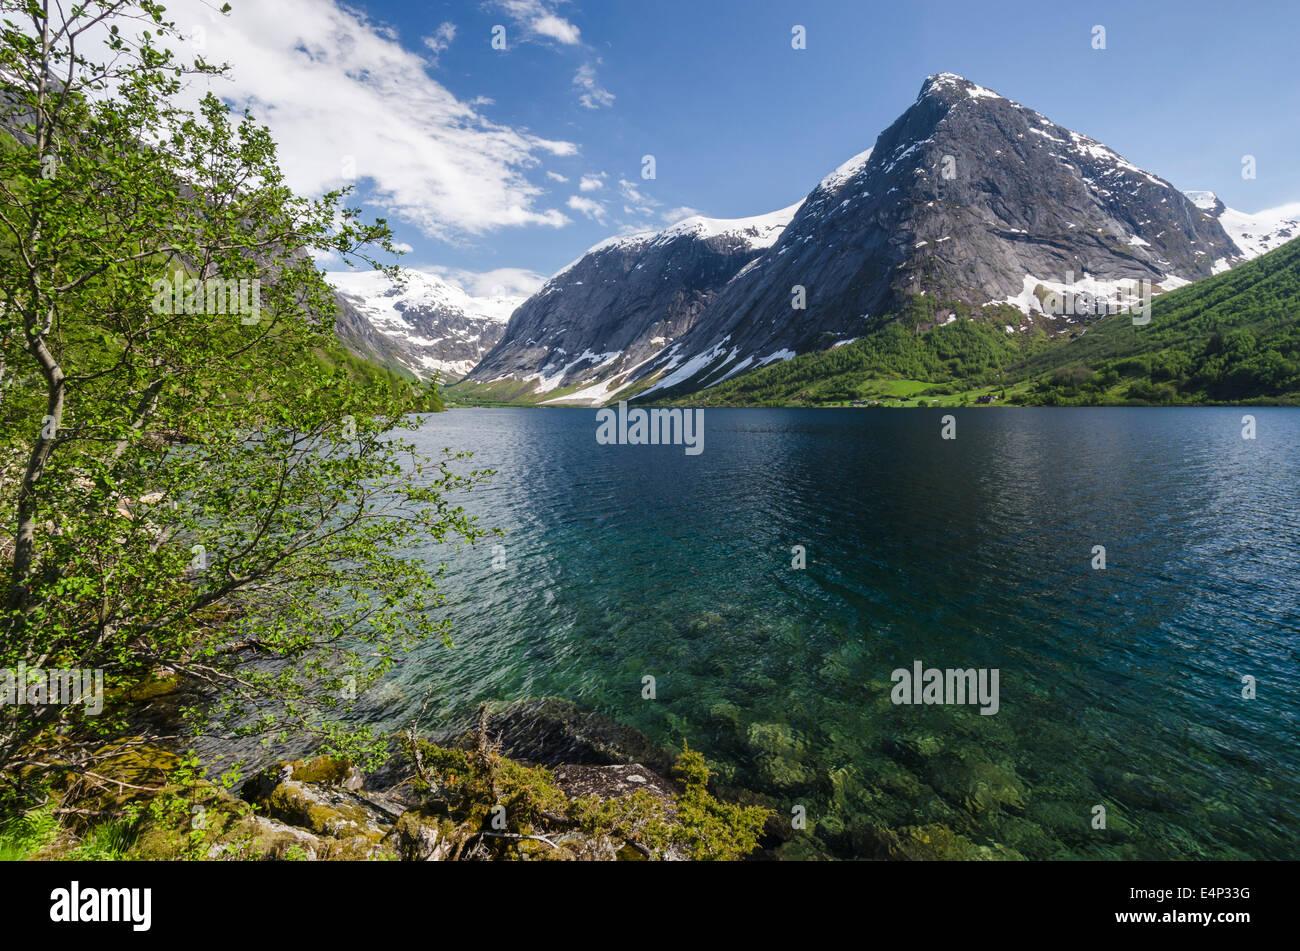 Landschaft am Kjoesnesfjorden, Joelster, Sogn og Fjordane Fylke, Norwegen - Stock Image